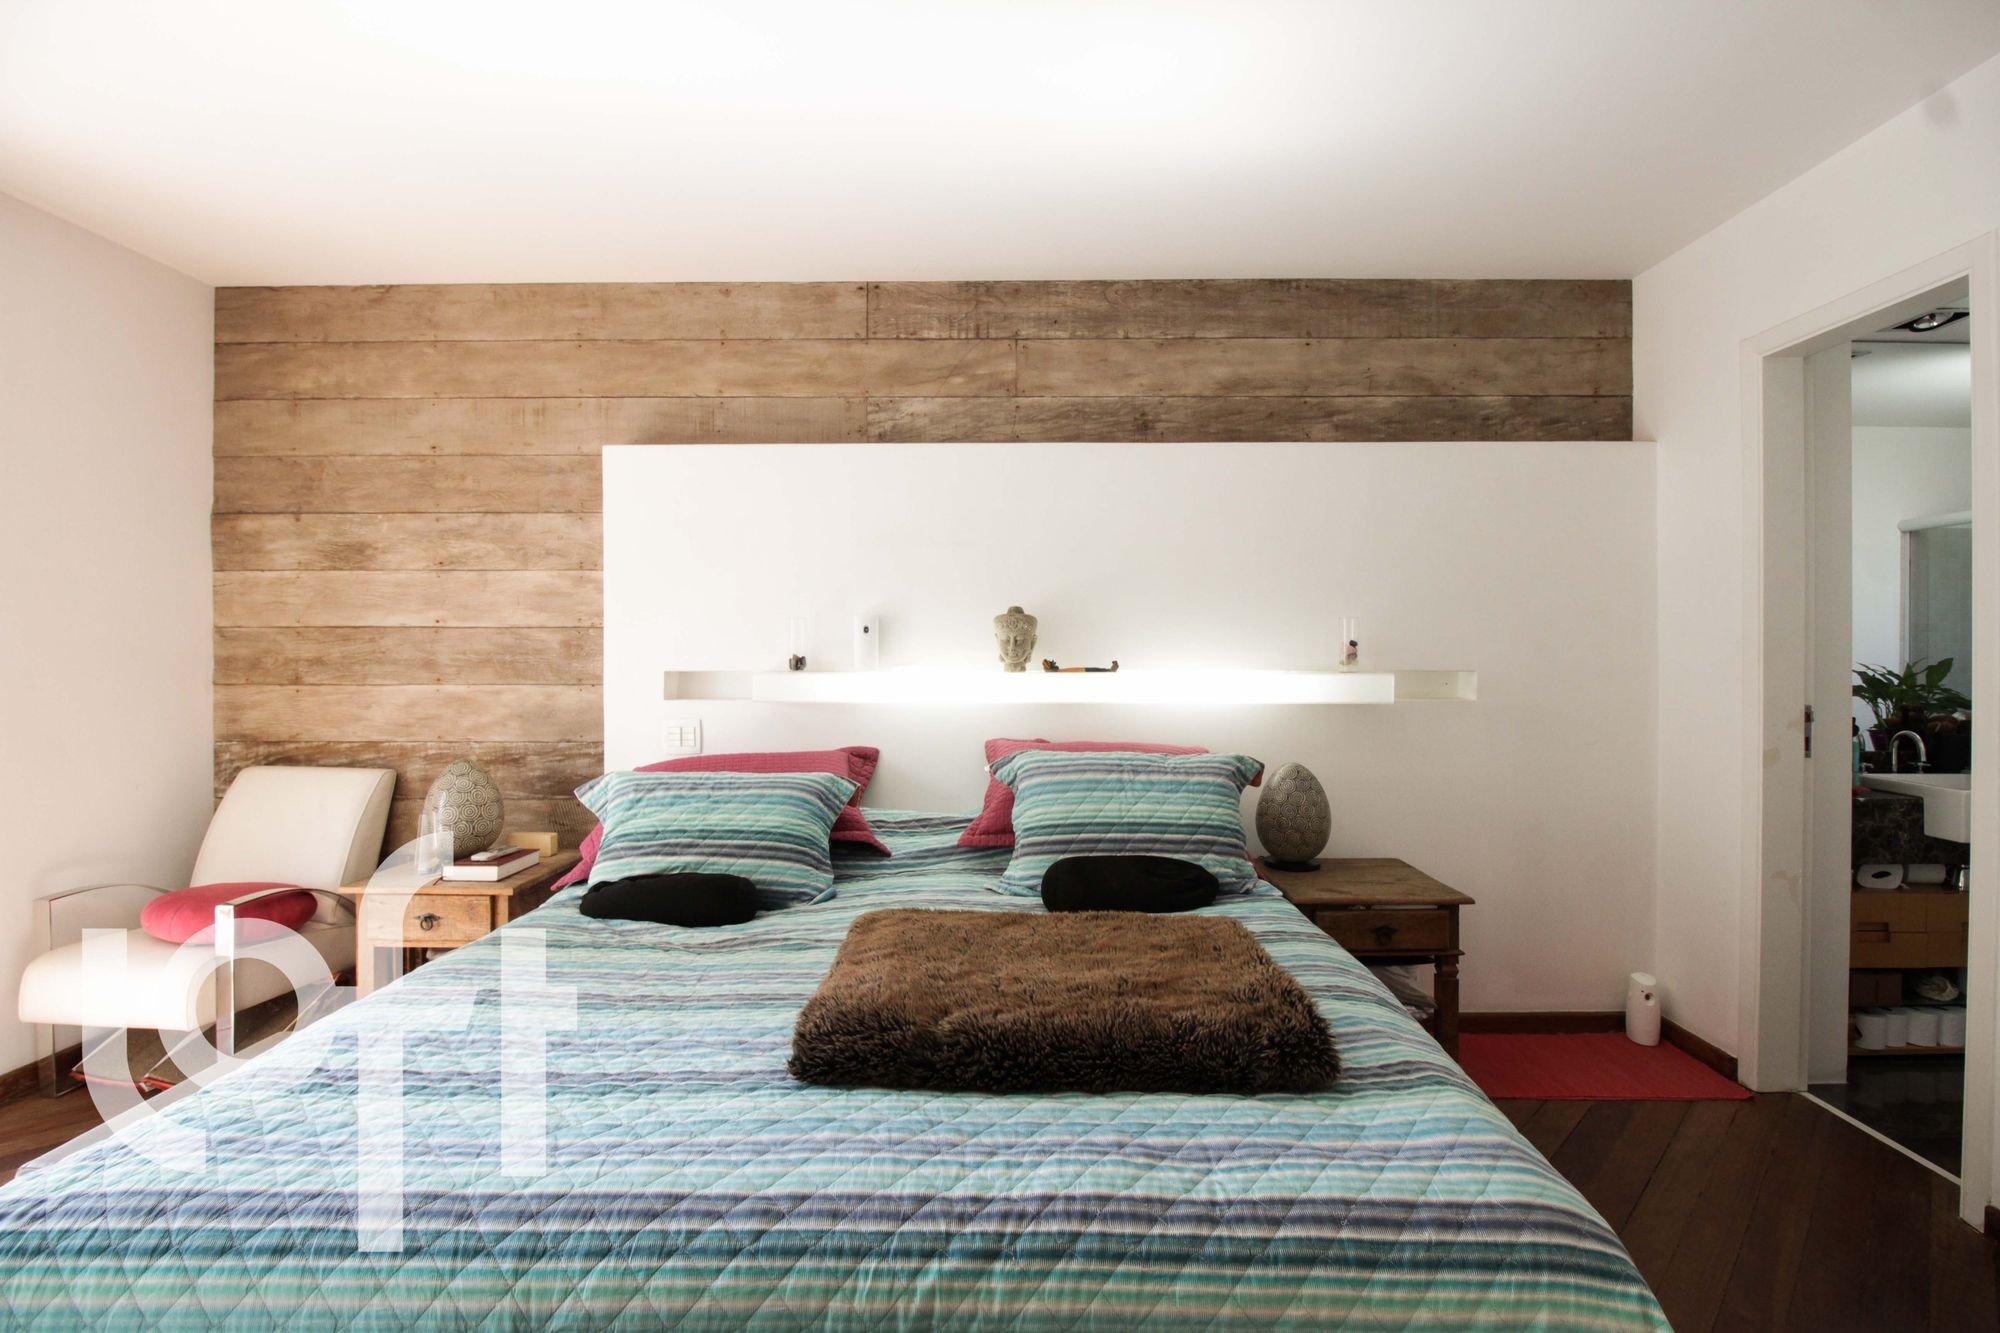 Foto de Quarto com vaso de planta, cama, cadeira